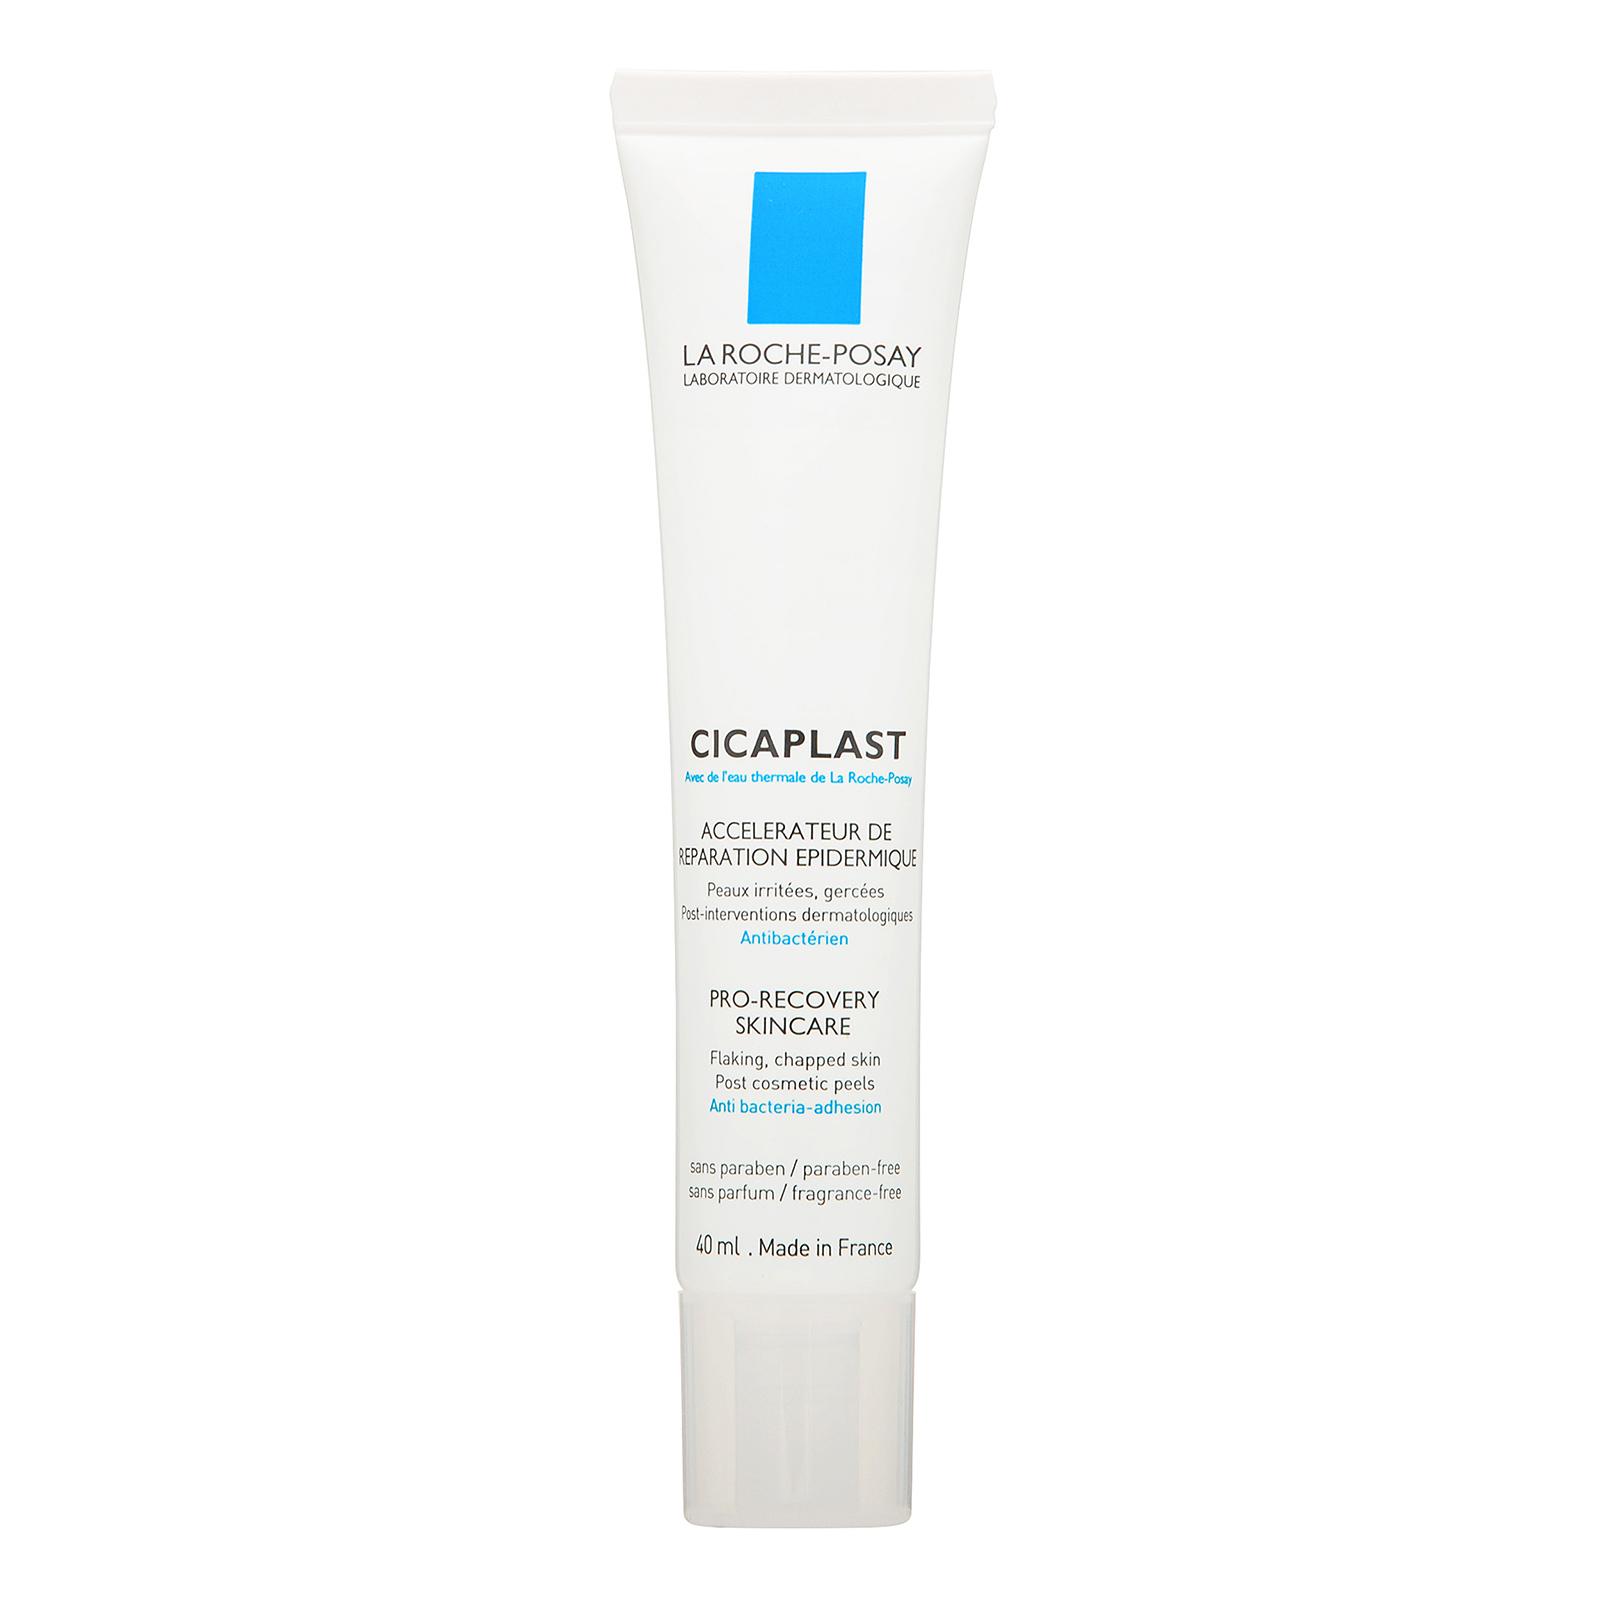 La Roche-Posay Cicaplast Pro-Recovery Skincare  40ml,